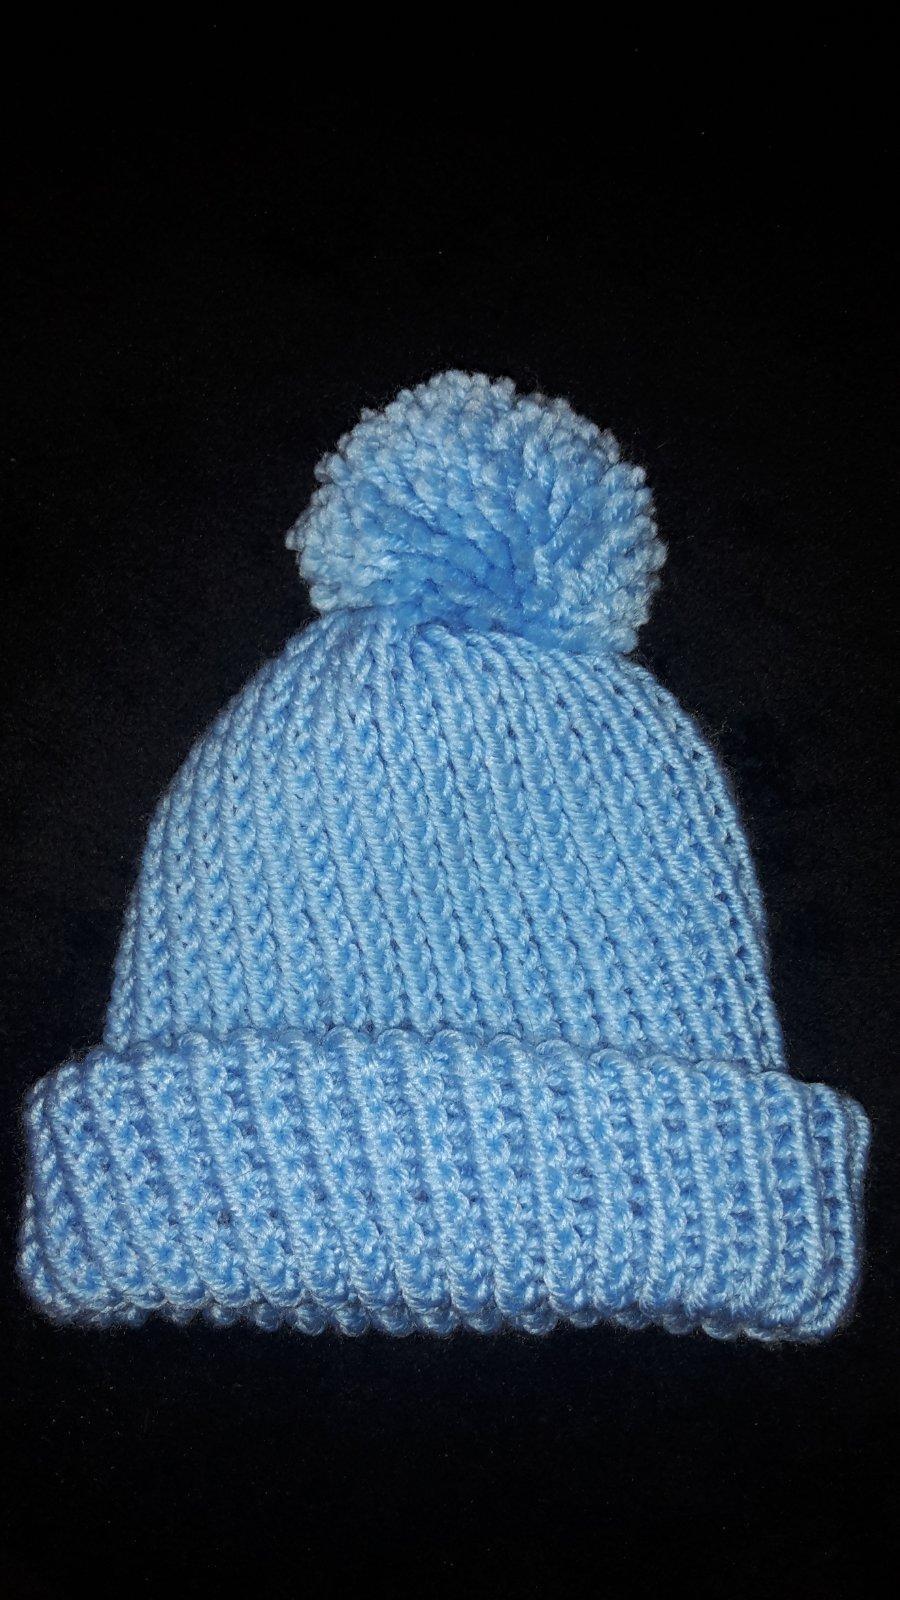 32f41f75e Zimna hackovana ciapka, 80 / 86 / 92 / 98 - 5 € od predávajúcej ...